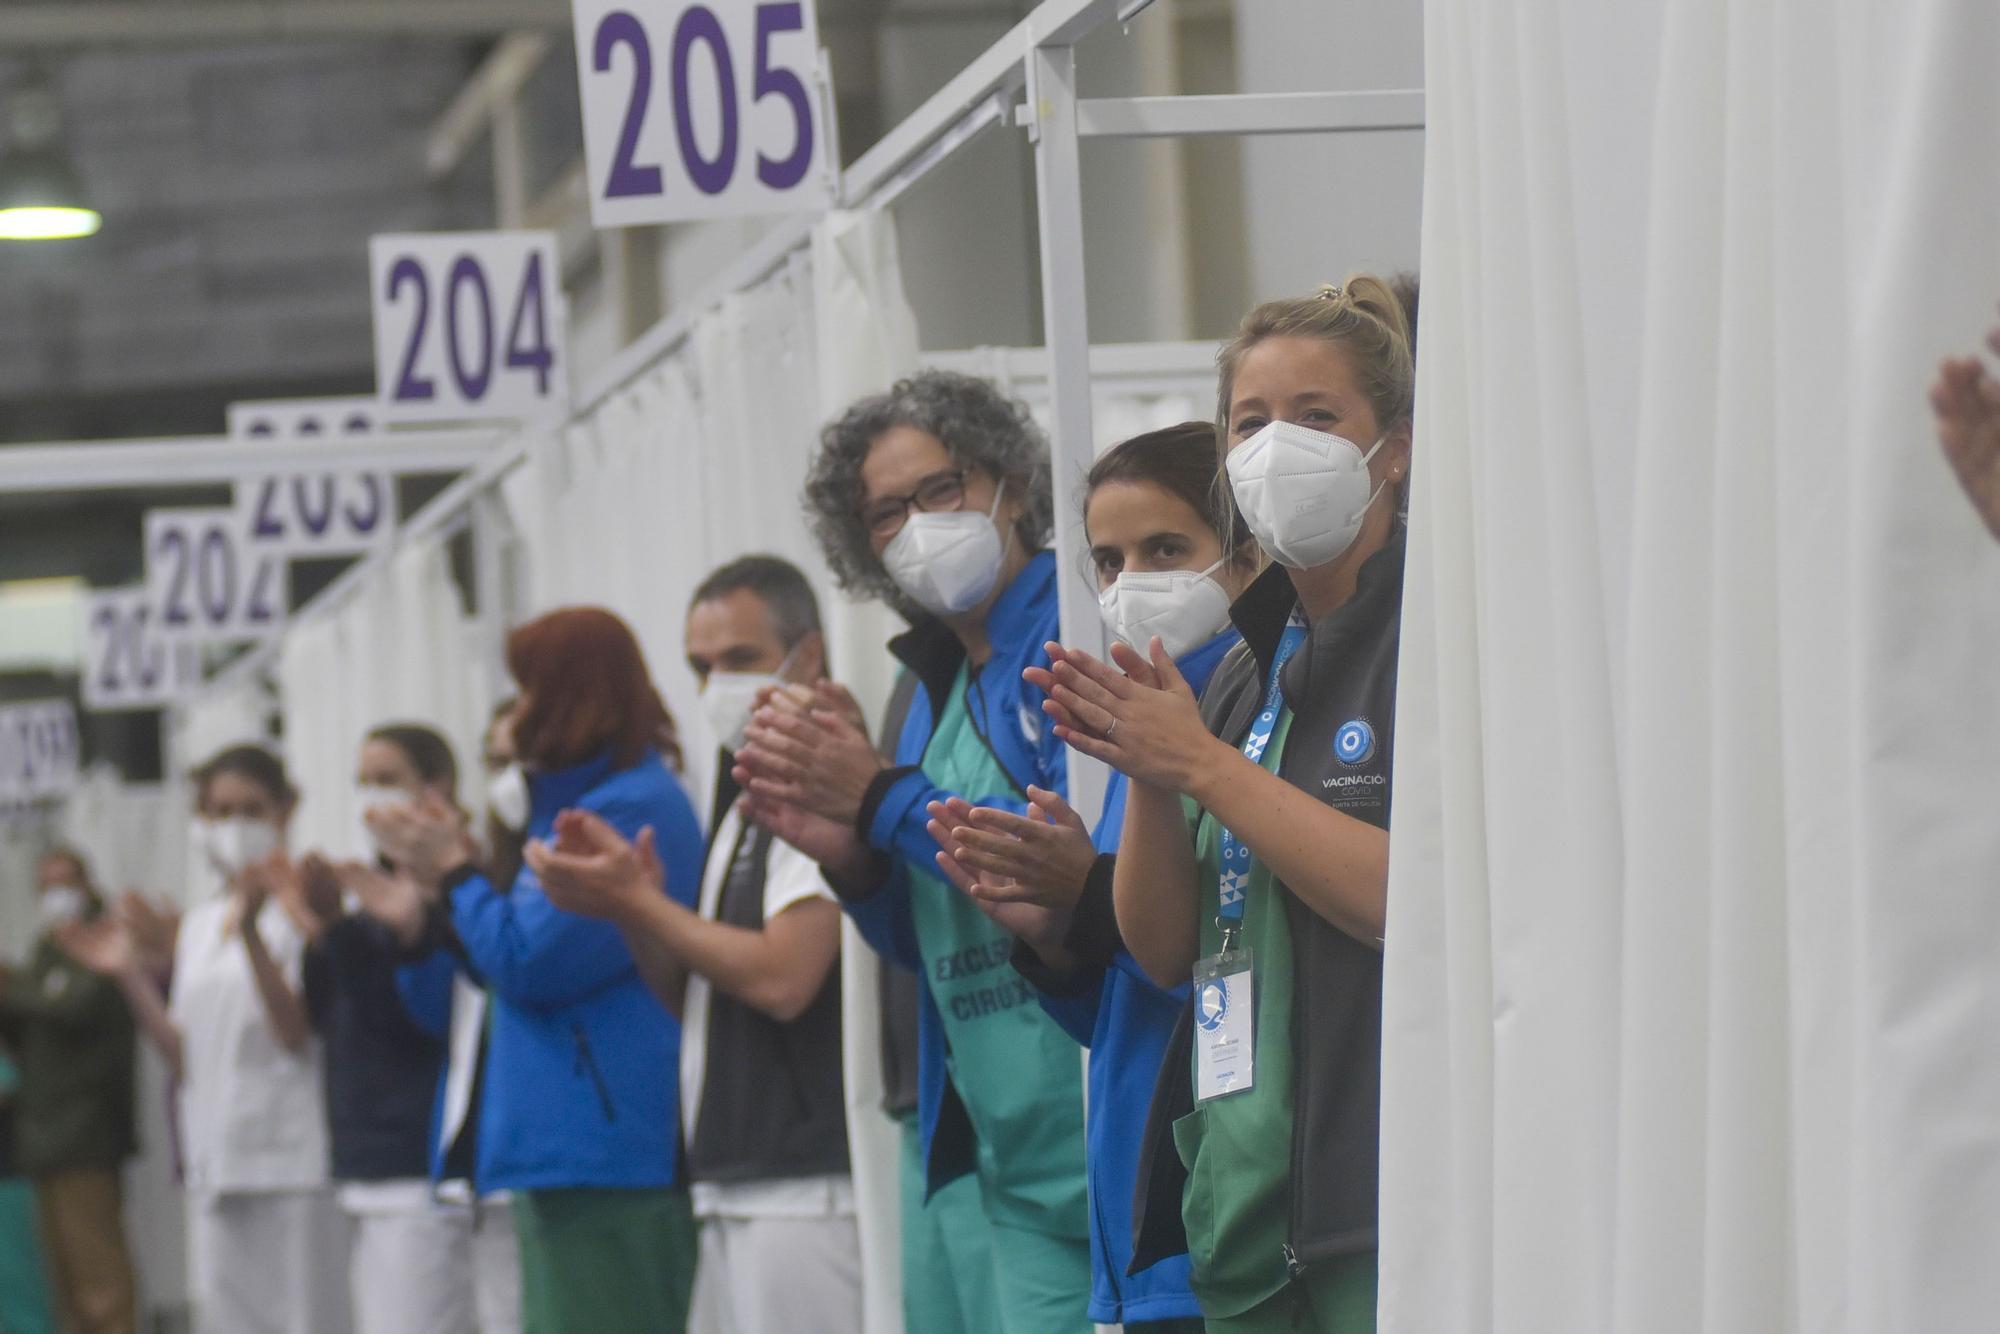 Aplauso de sanitario a los enfermeros del COVID-19 en Expocoruña